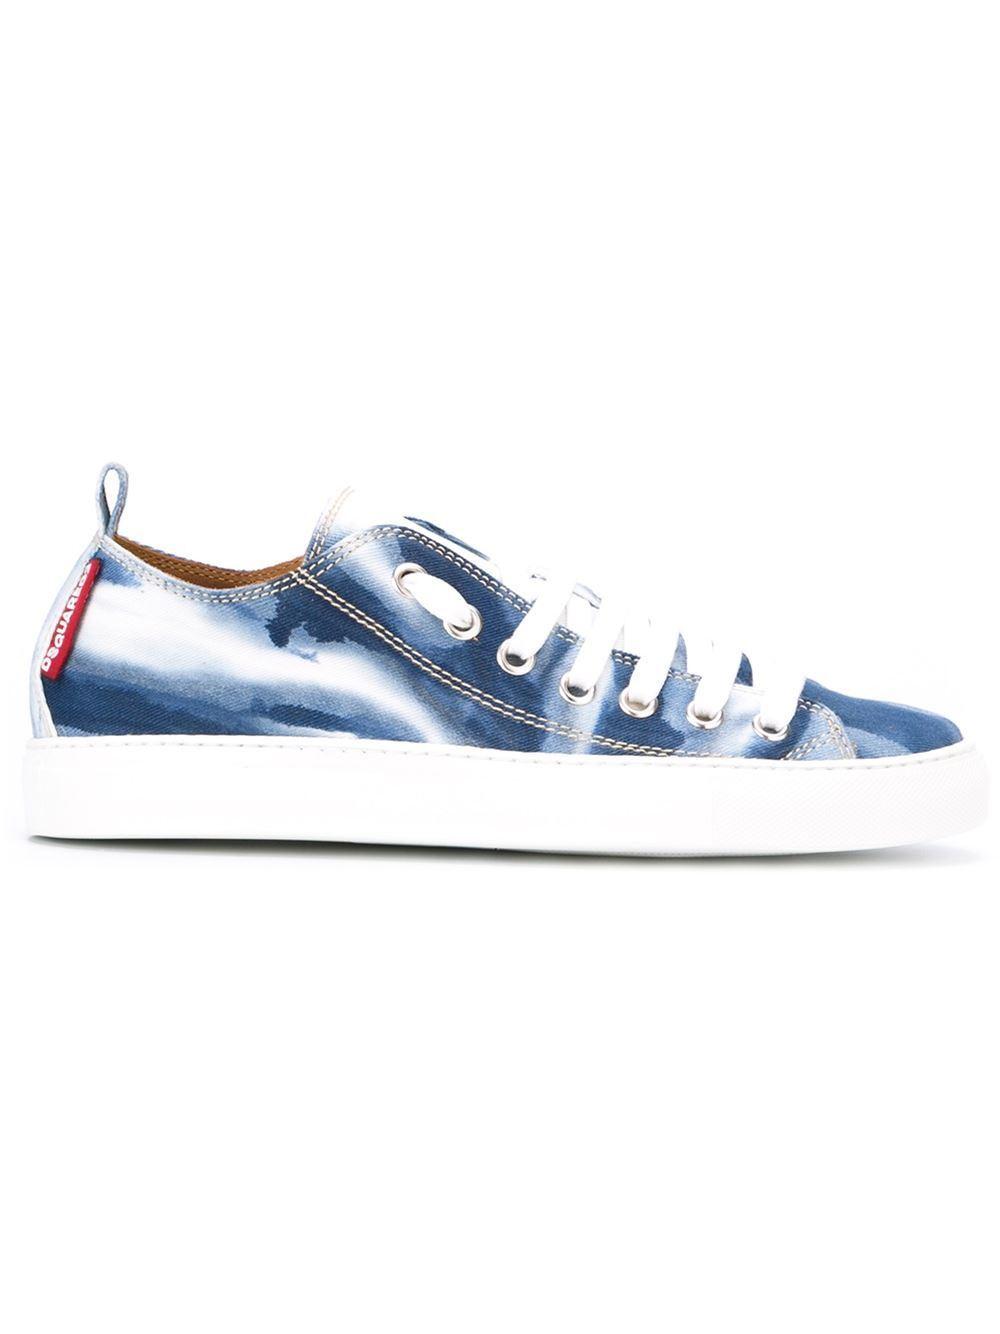 Dsquared2 uomo denim sneaker in denim uomo (25B) 29d725